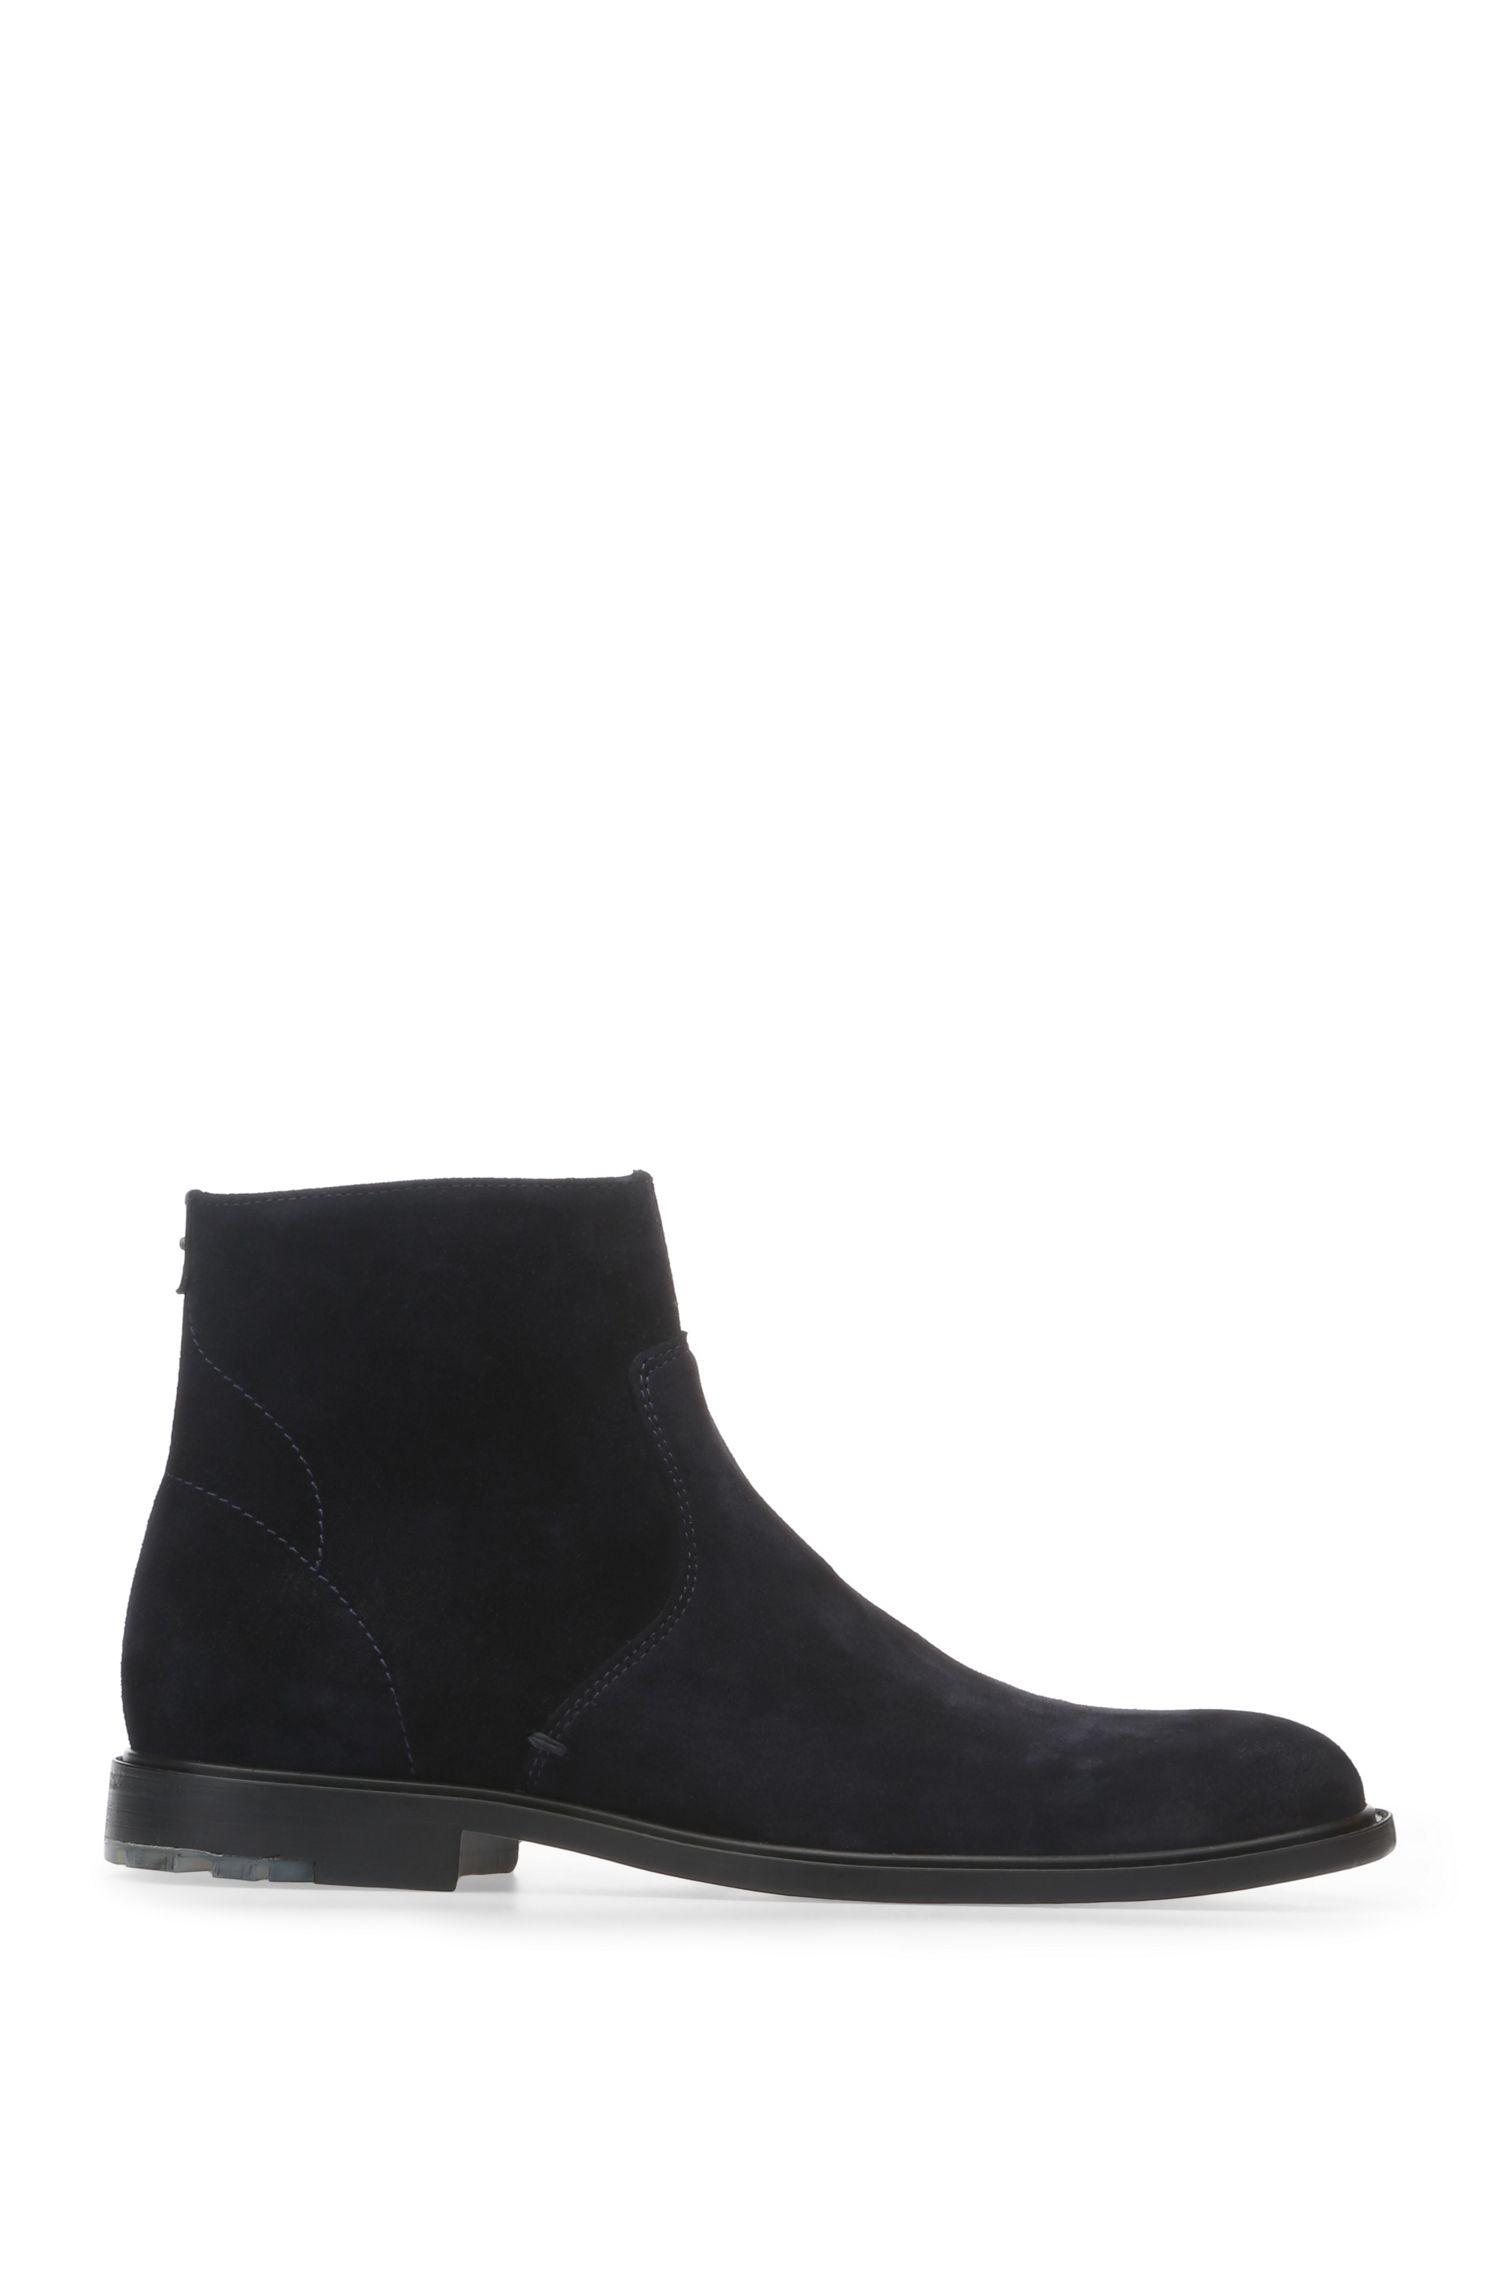 'Cultroot Zipb Sdpl' | Suede Calfskin Zip Ankle Boots